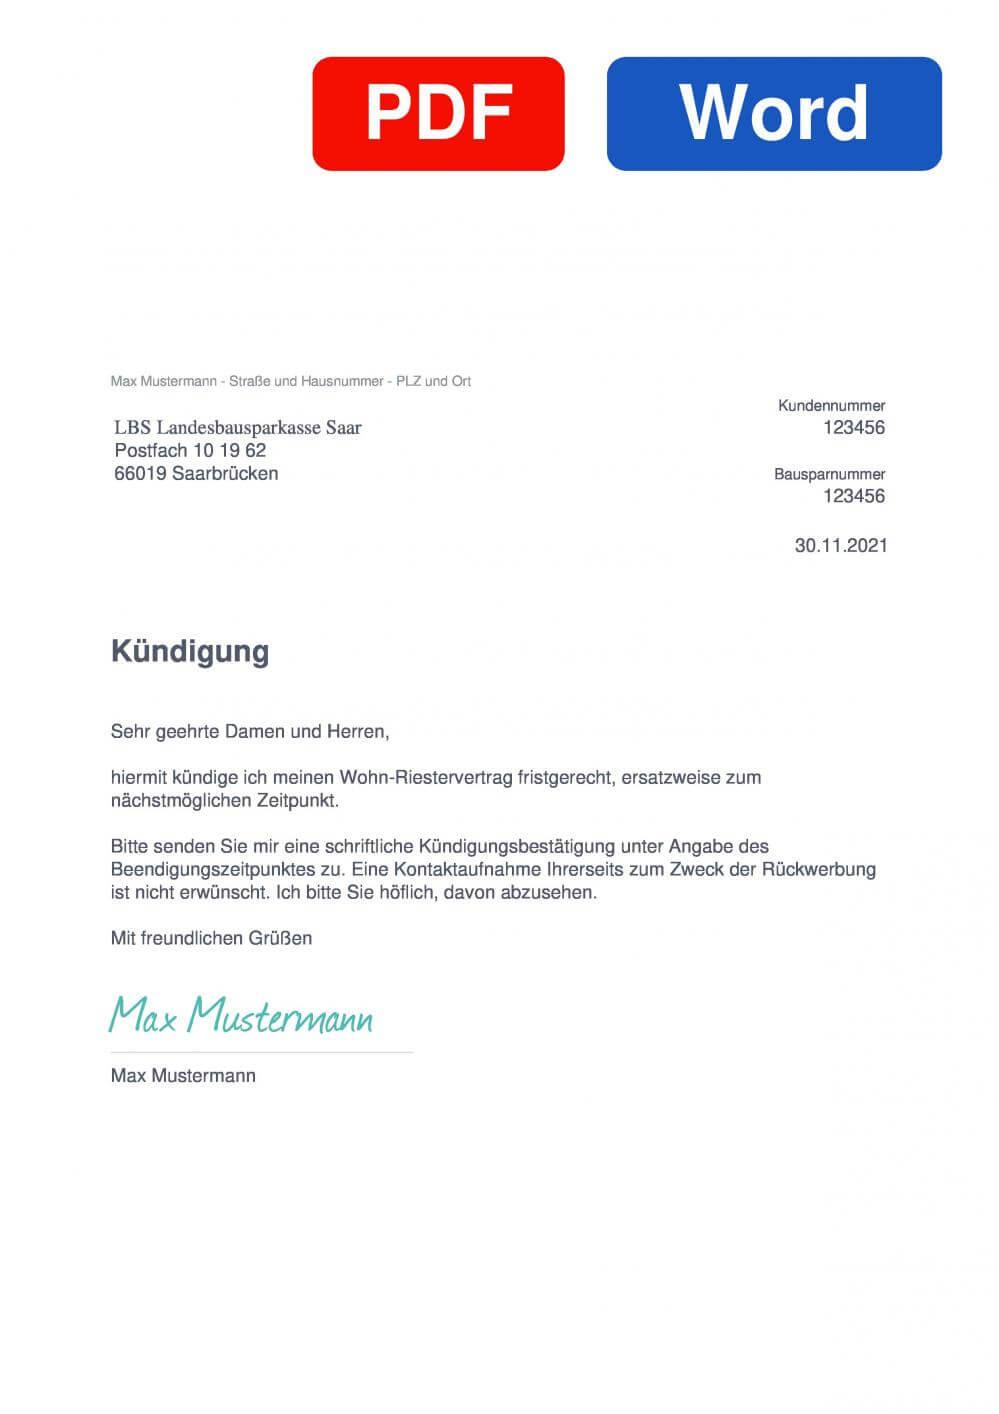 LBS Landesbausparkasse Saar Muster Vorlage für Kündigungsschreiben